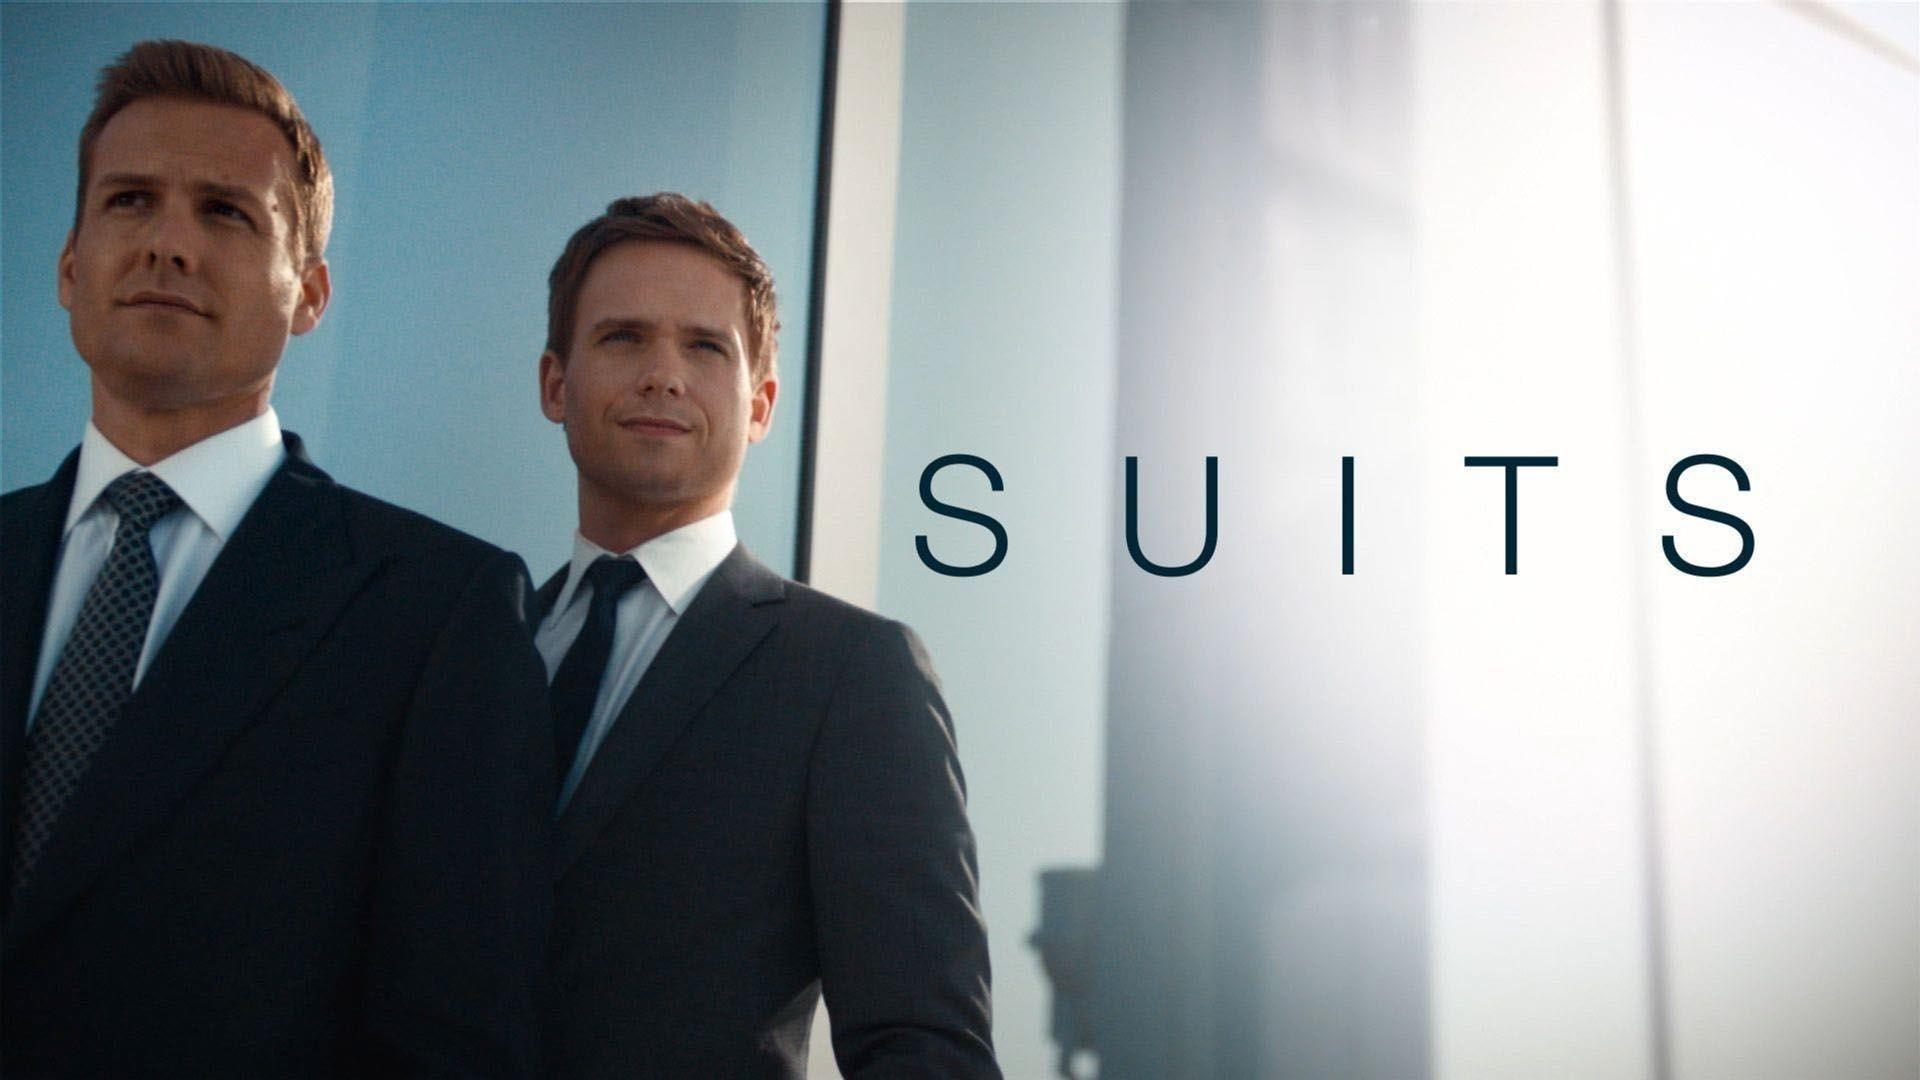 أفضل مسلسلات نتفليكس - مسلسل Suits